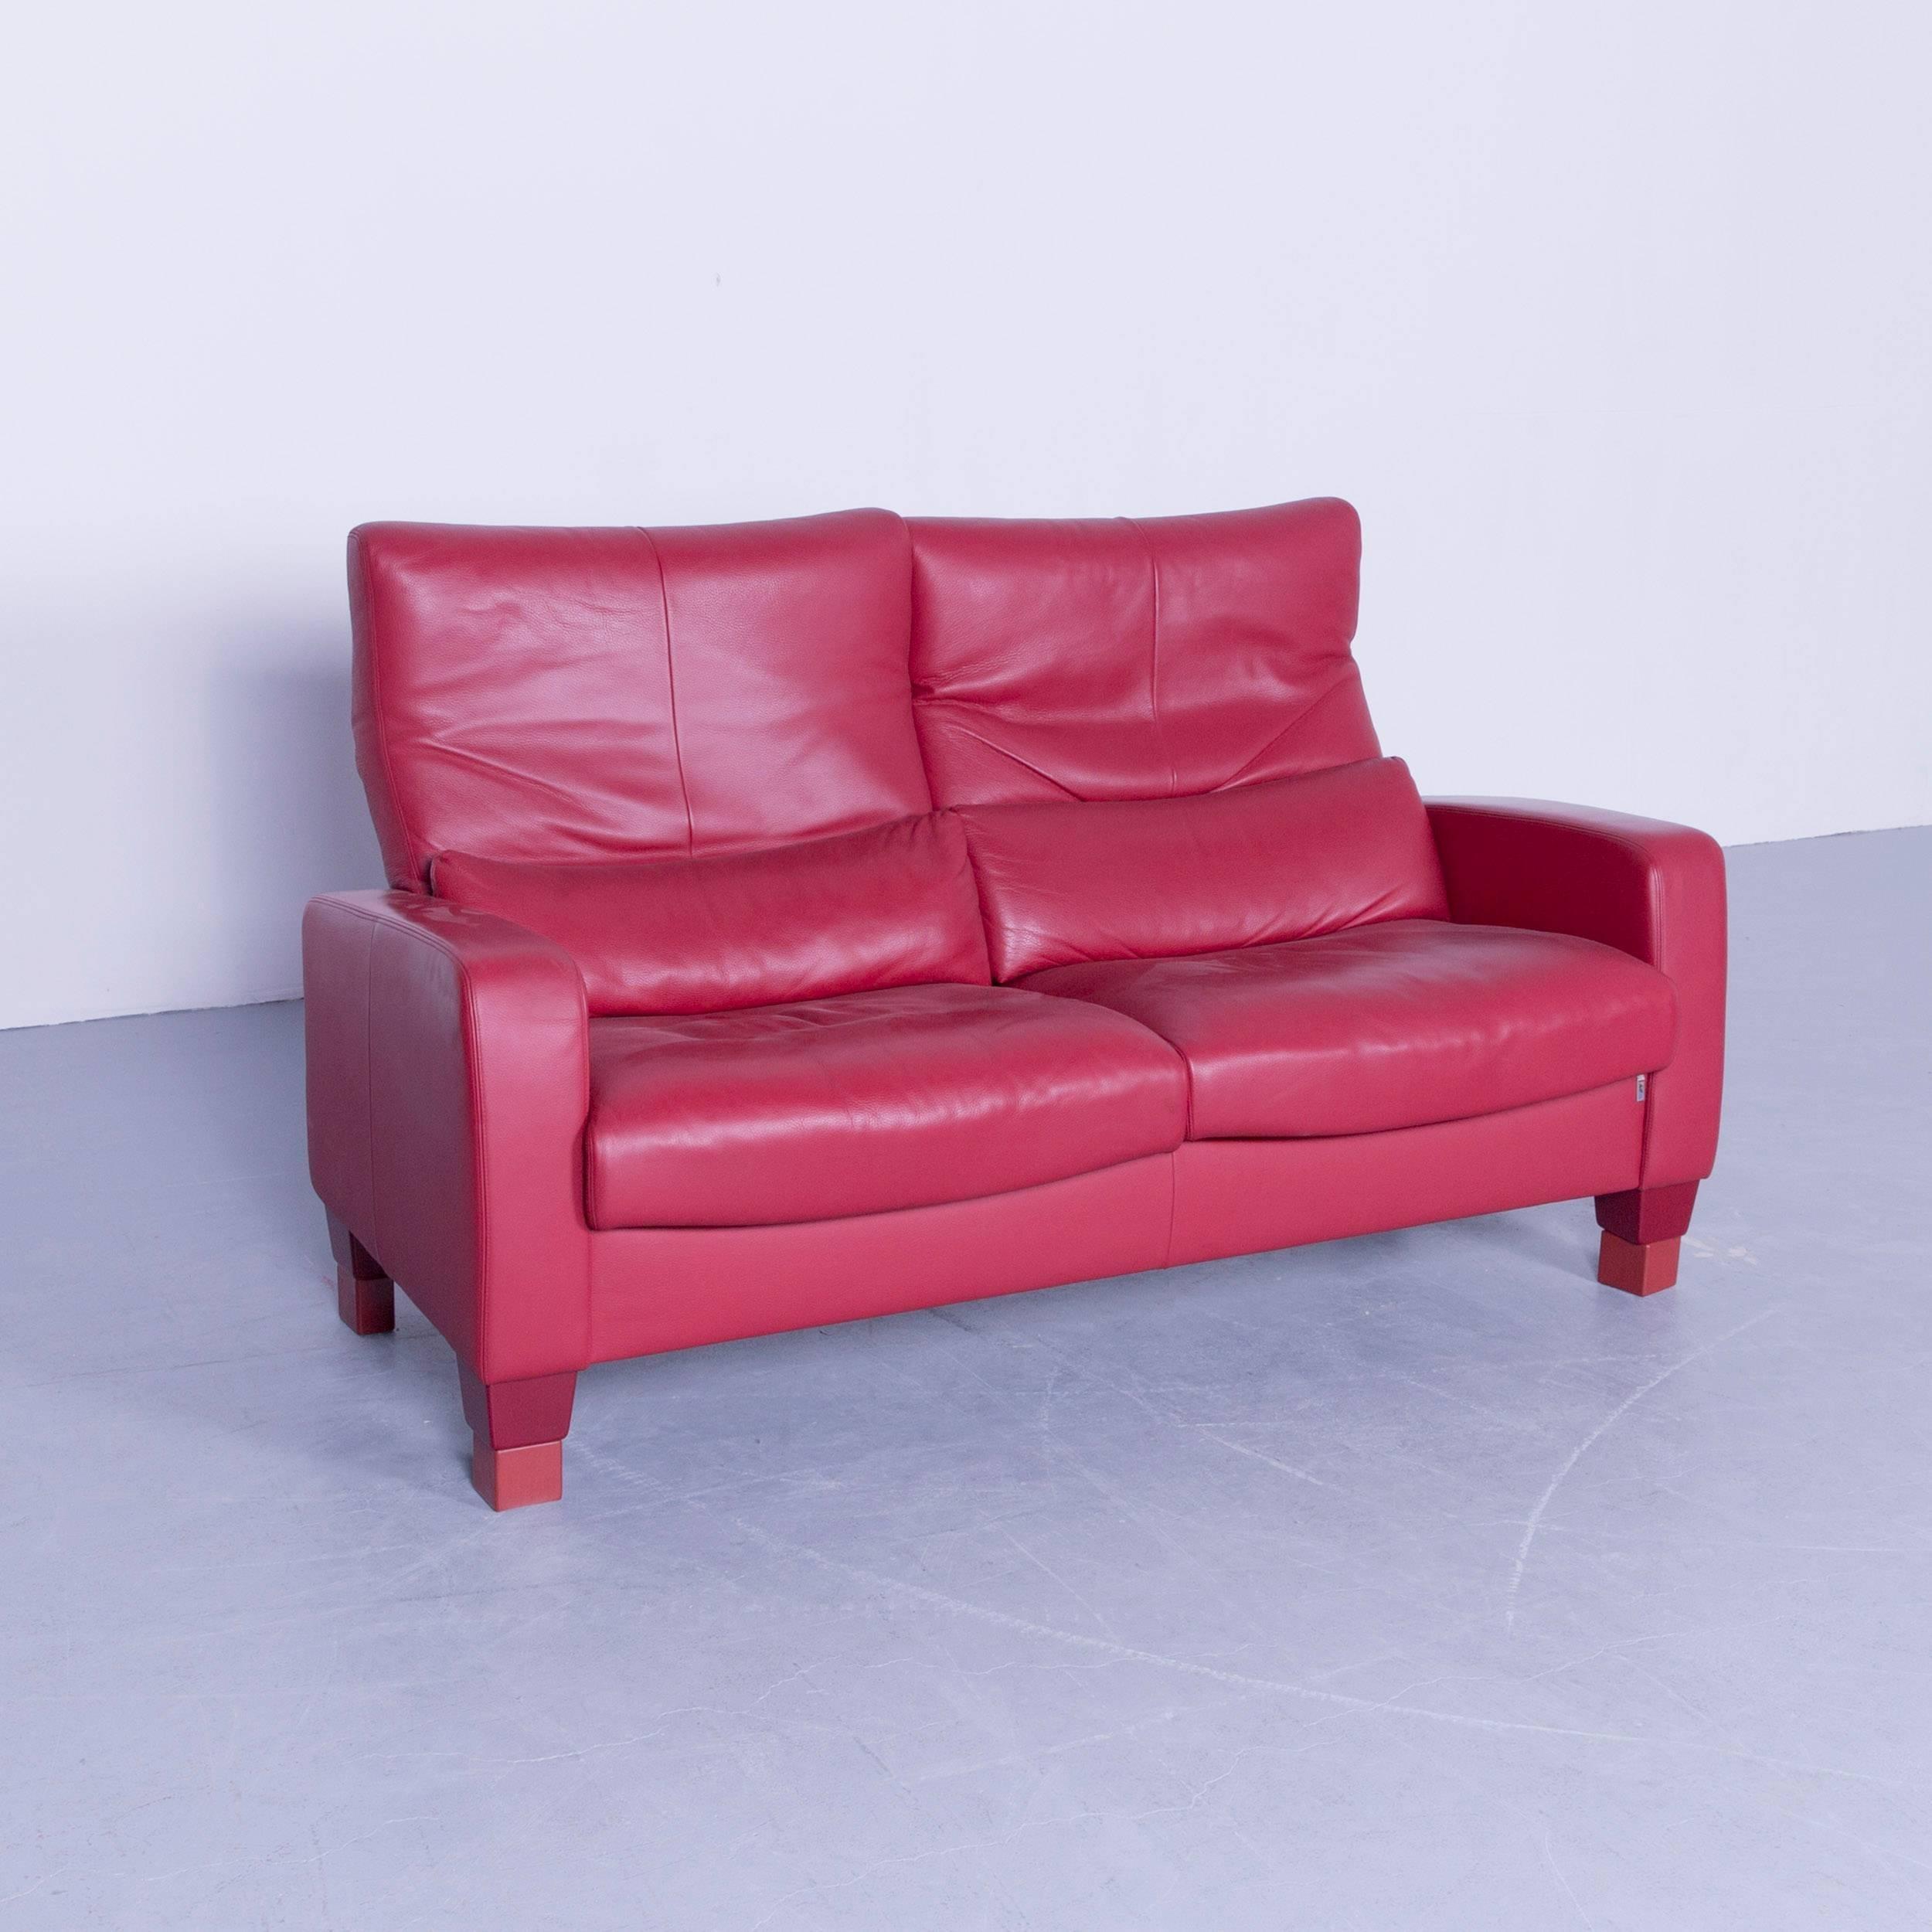 Fesselnde Sofa Mit Funktion Sammlung Von Erpo Designer Leather Red Two-seat Couch Modern